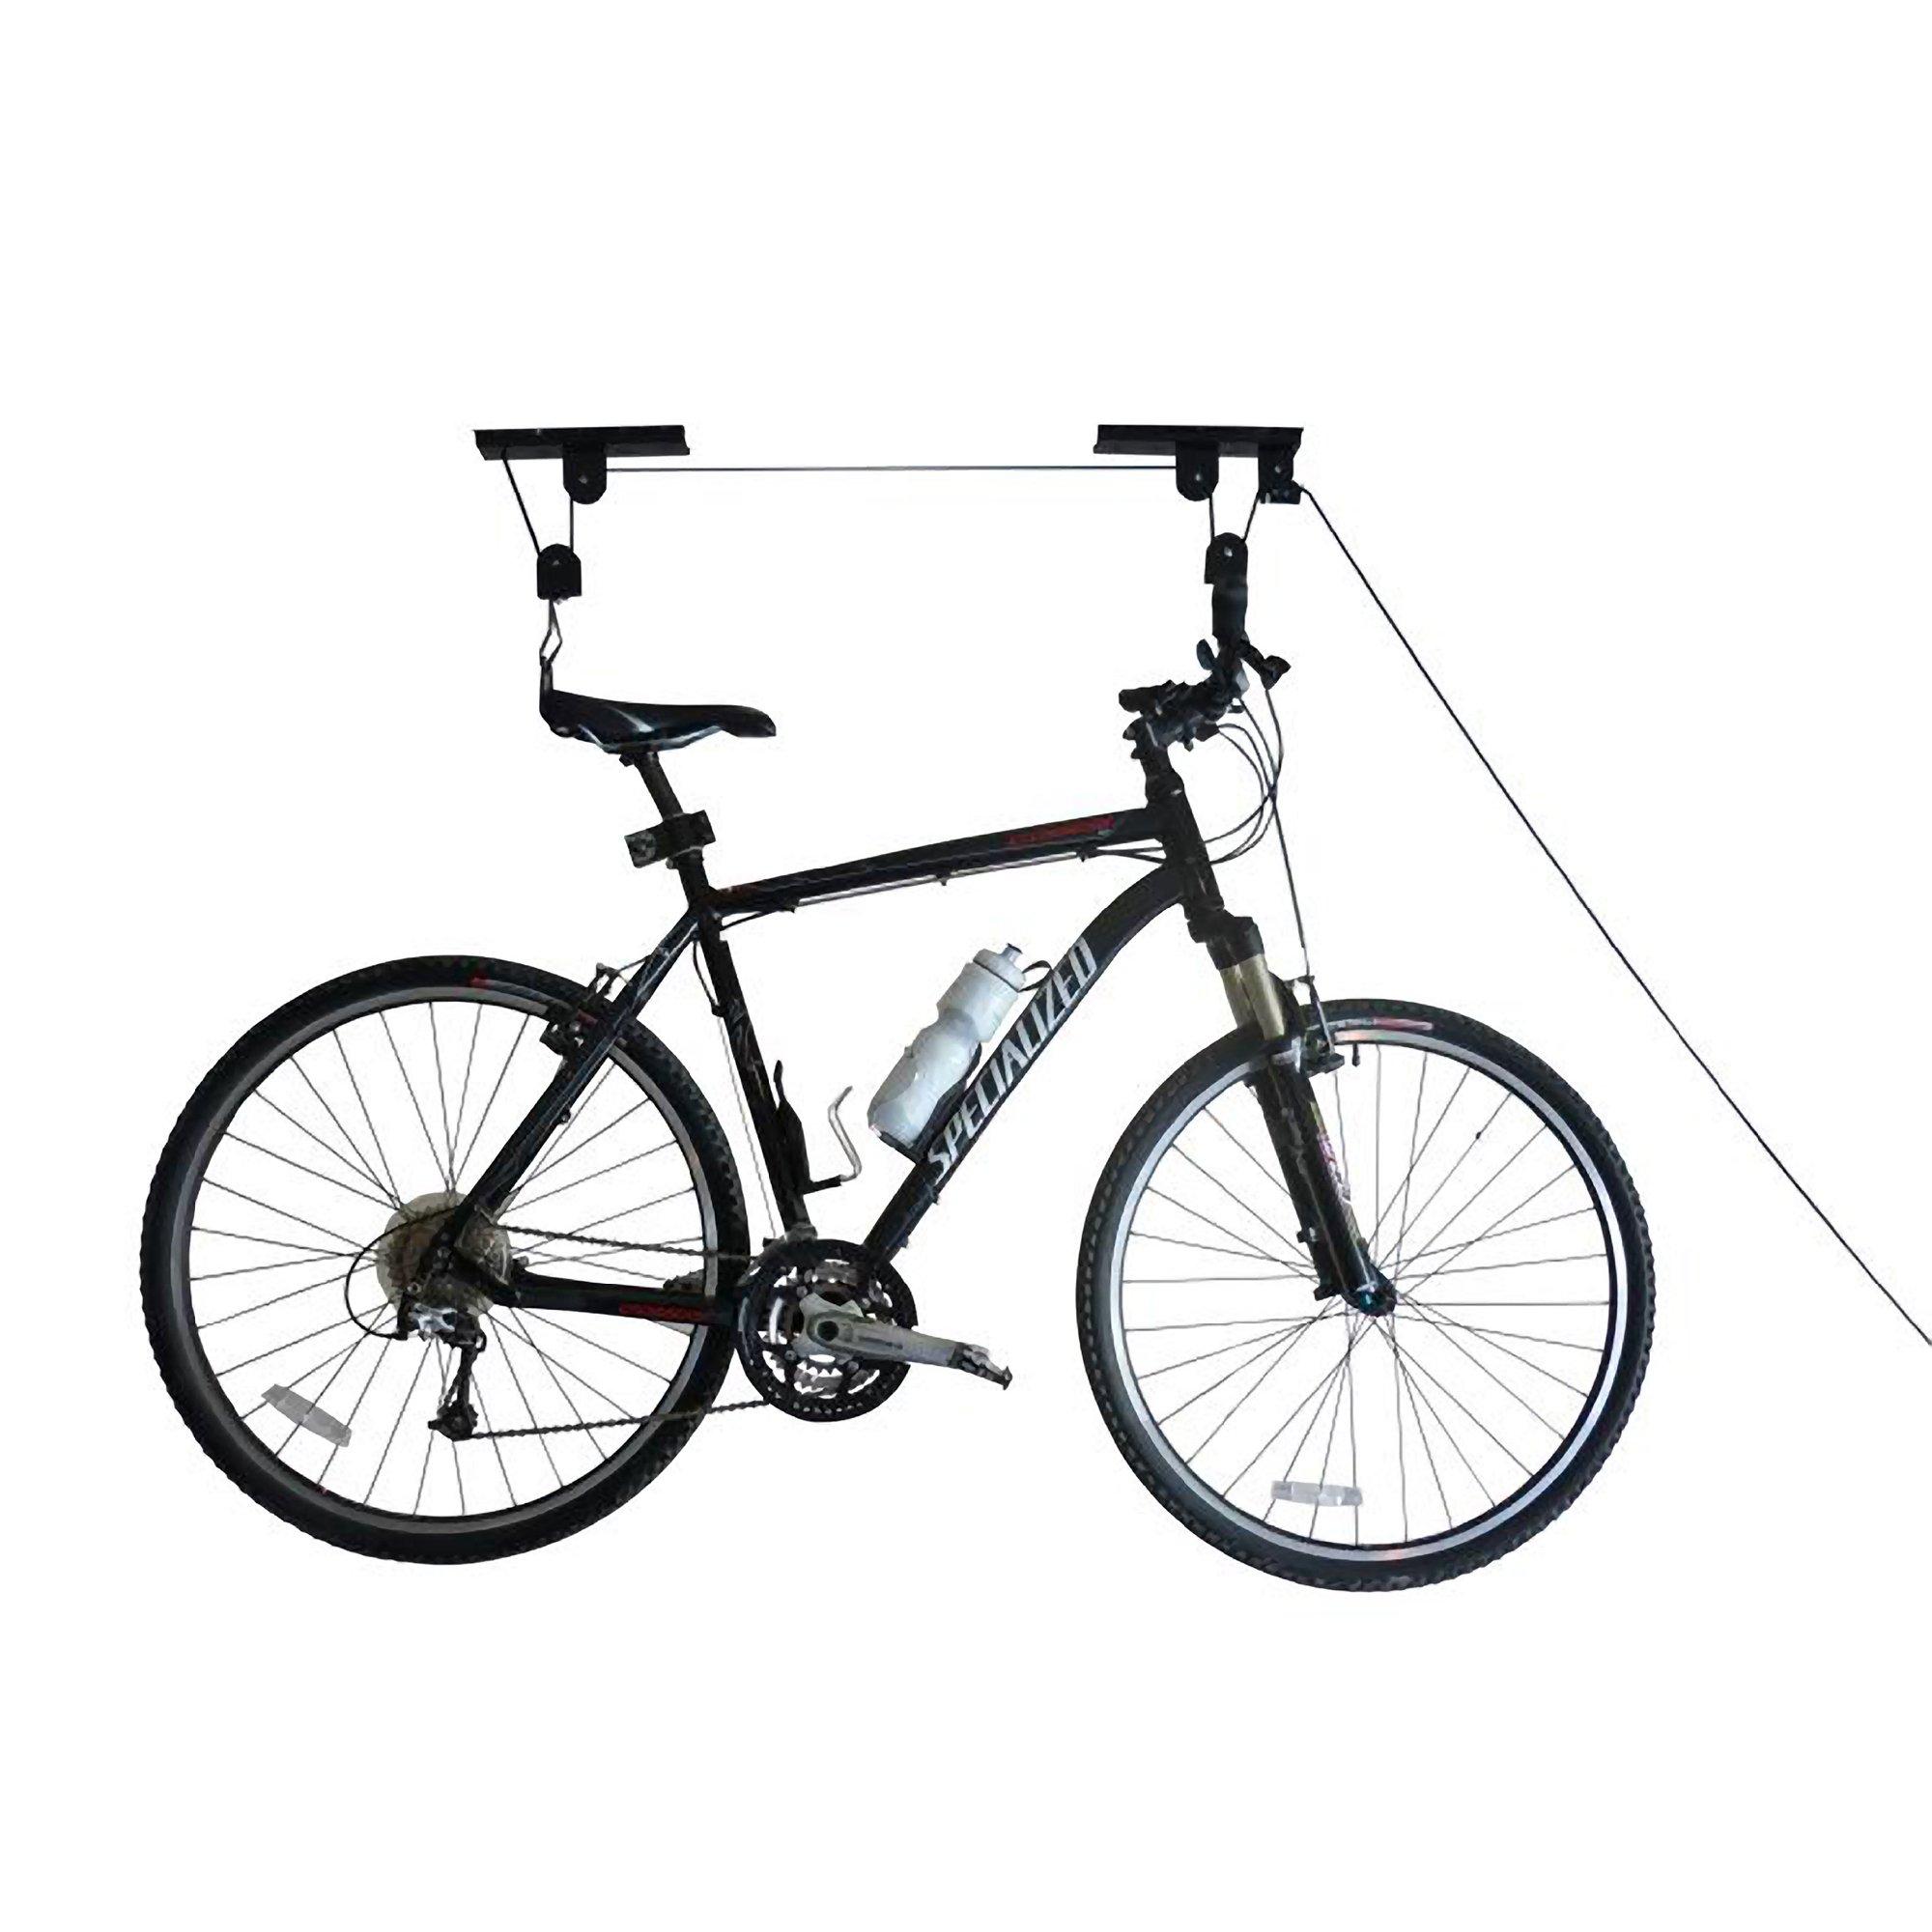 ip lift ceiling com ceilings bike mount bicycle walmart